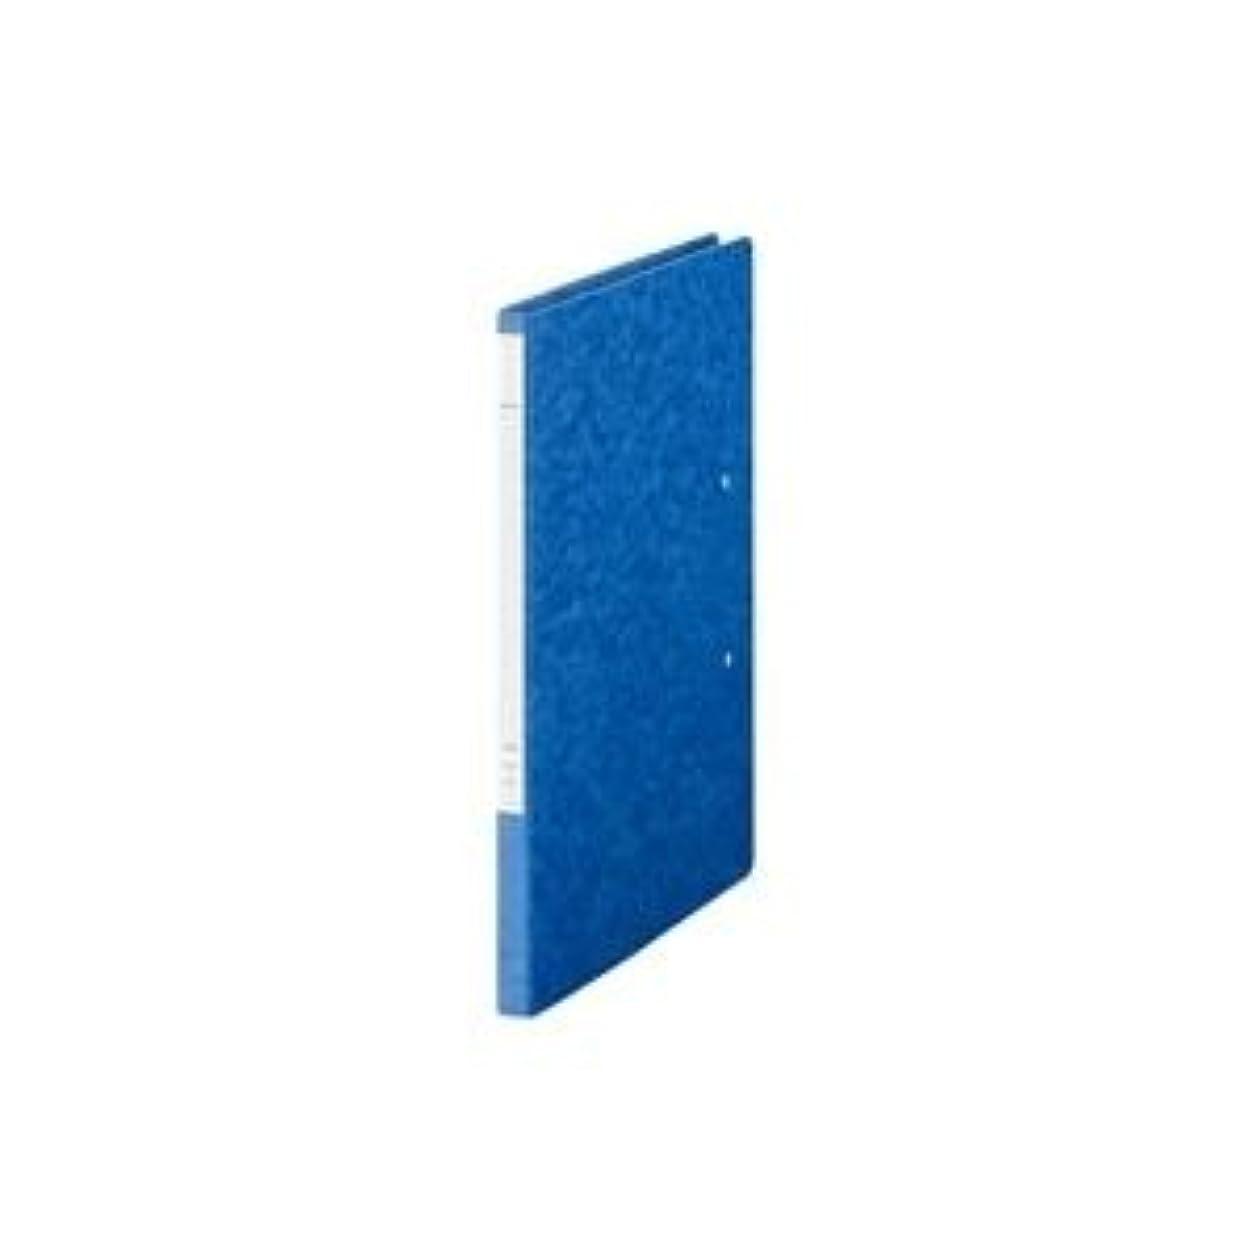 番号おもしろい部(業務用10セット) LIHITLAB パンチレスファイル/Z式ファイル 【A4/A32つ折り】 タテ型 F307-5 藍 [簡易パッケージ品]